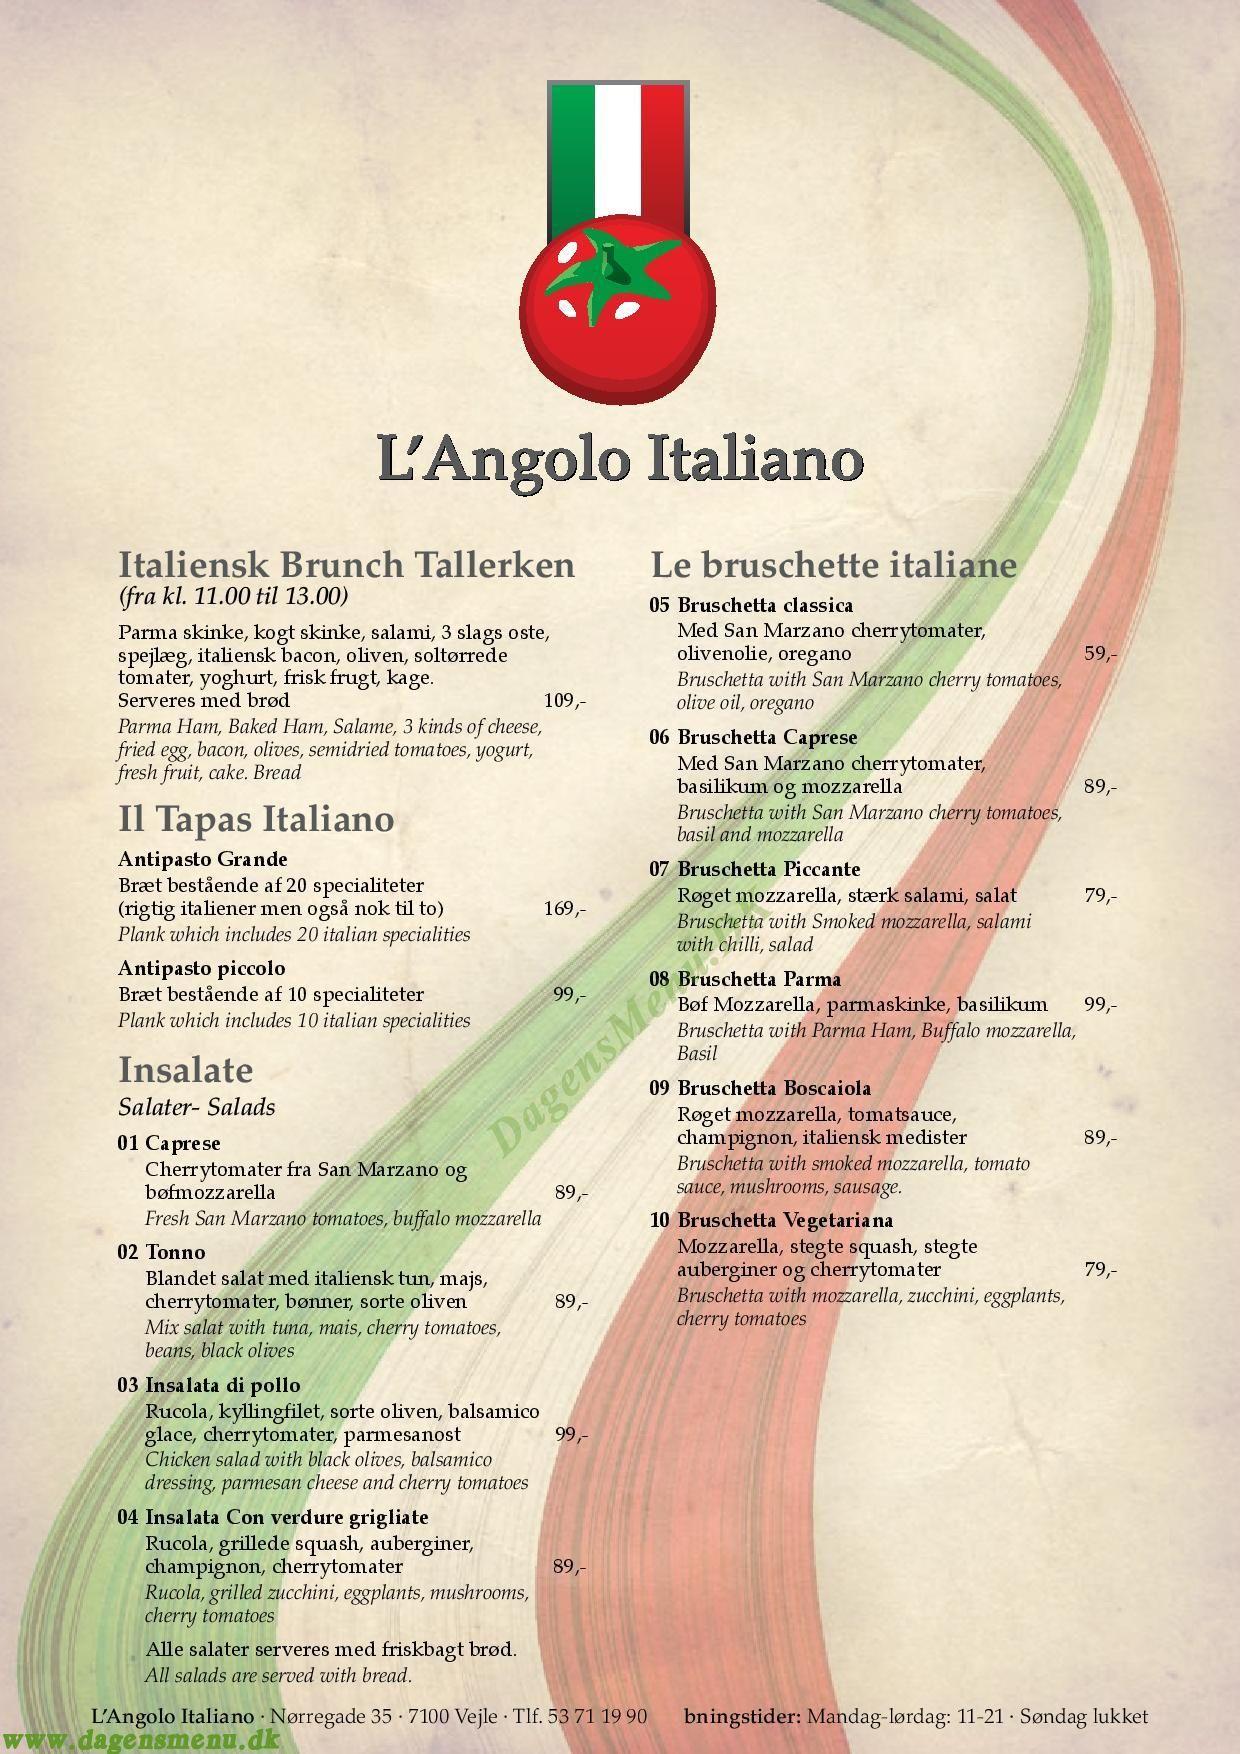 L'Angolo Italiano - Menukort